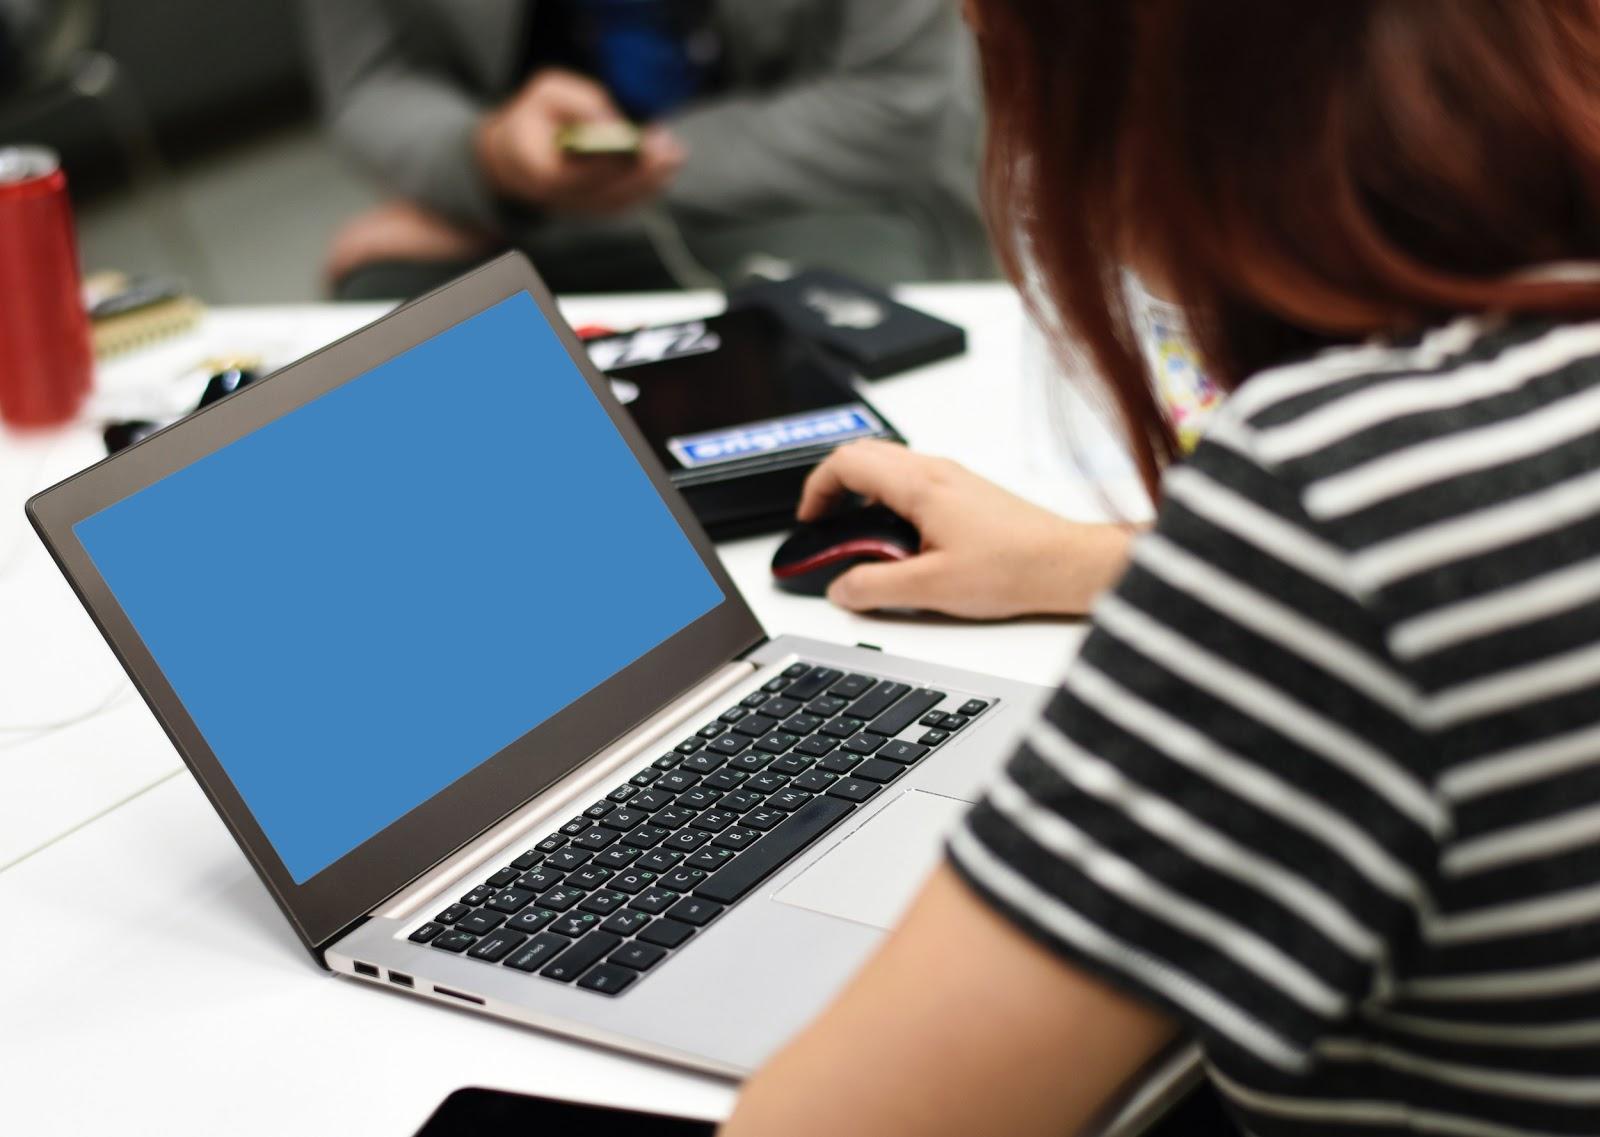 Productivitatea muncii - 3 lucruri esentiale pe care oricine trebuie sa le stie